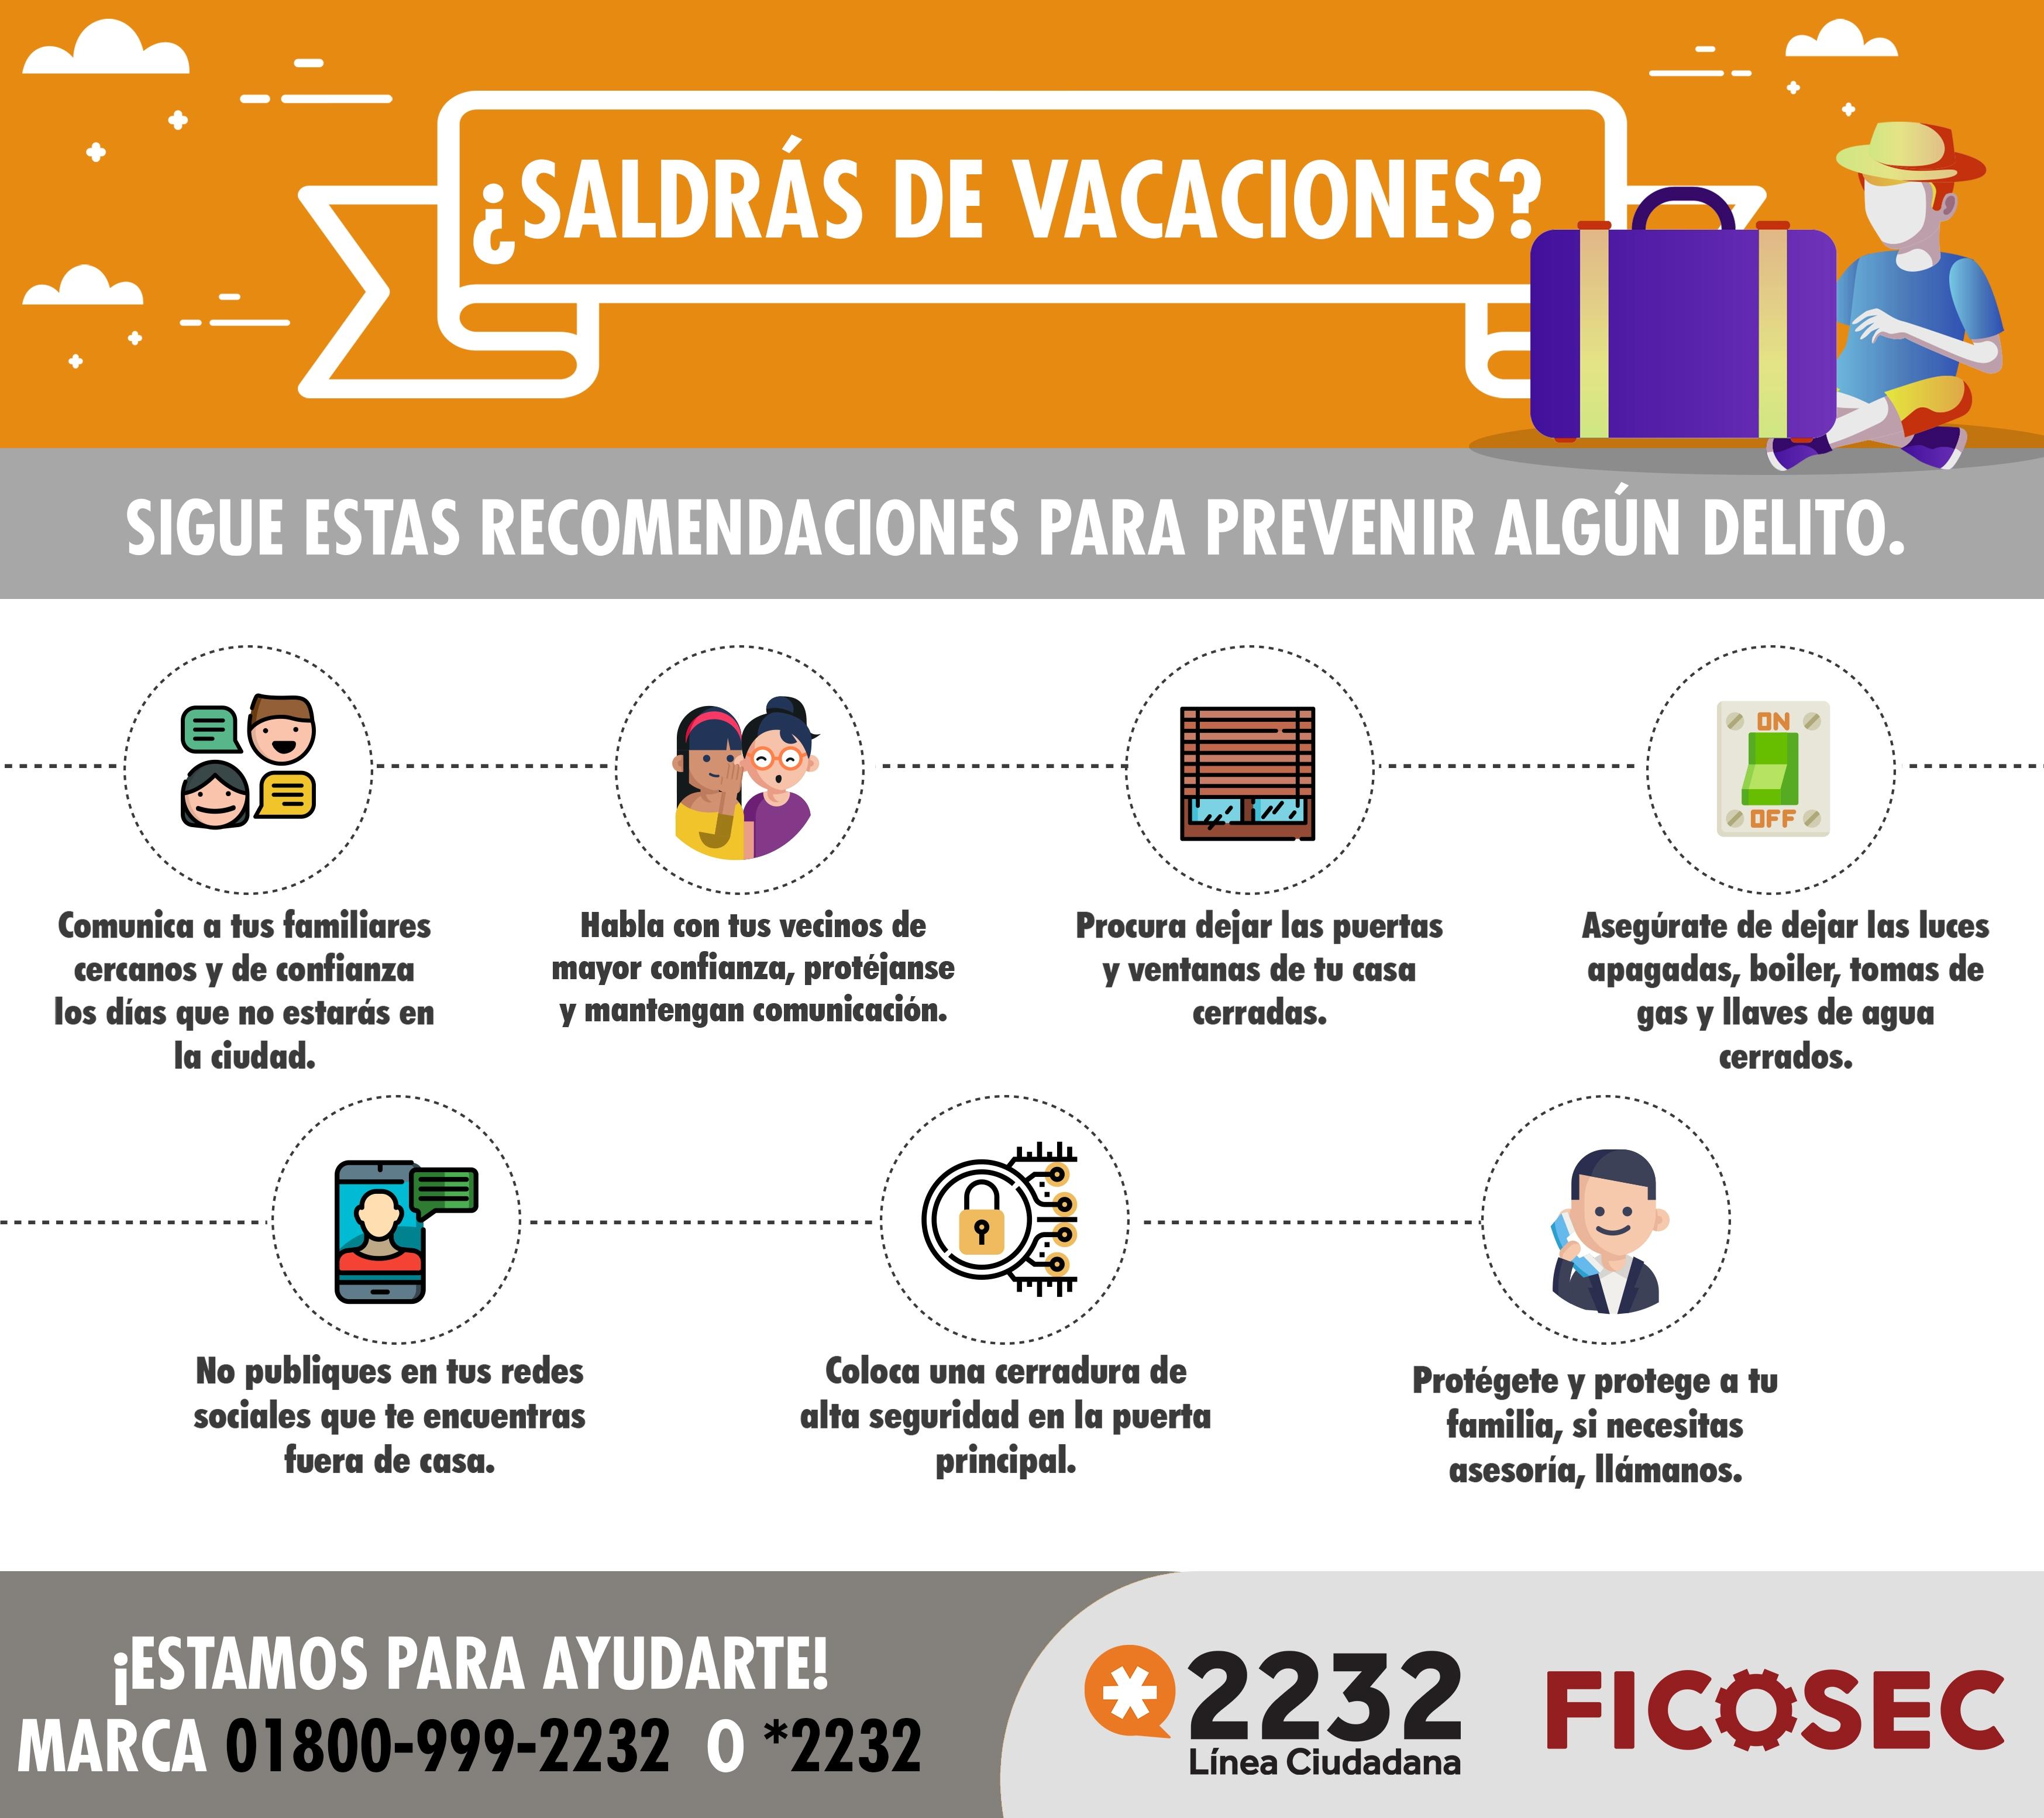 RECOMENDACION VACACIONES2232_estado